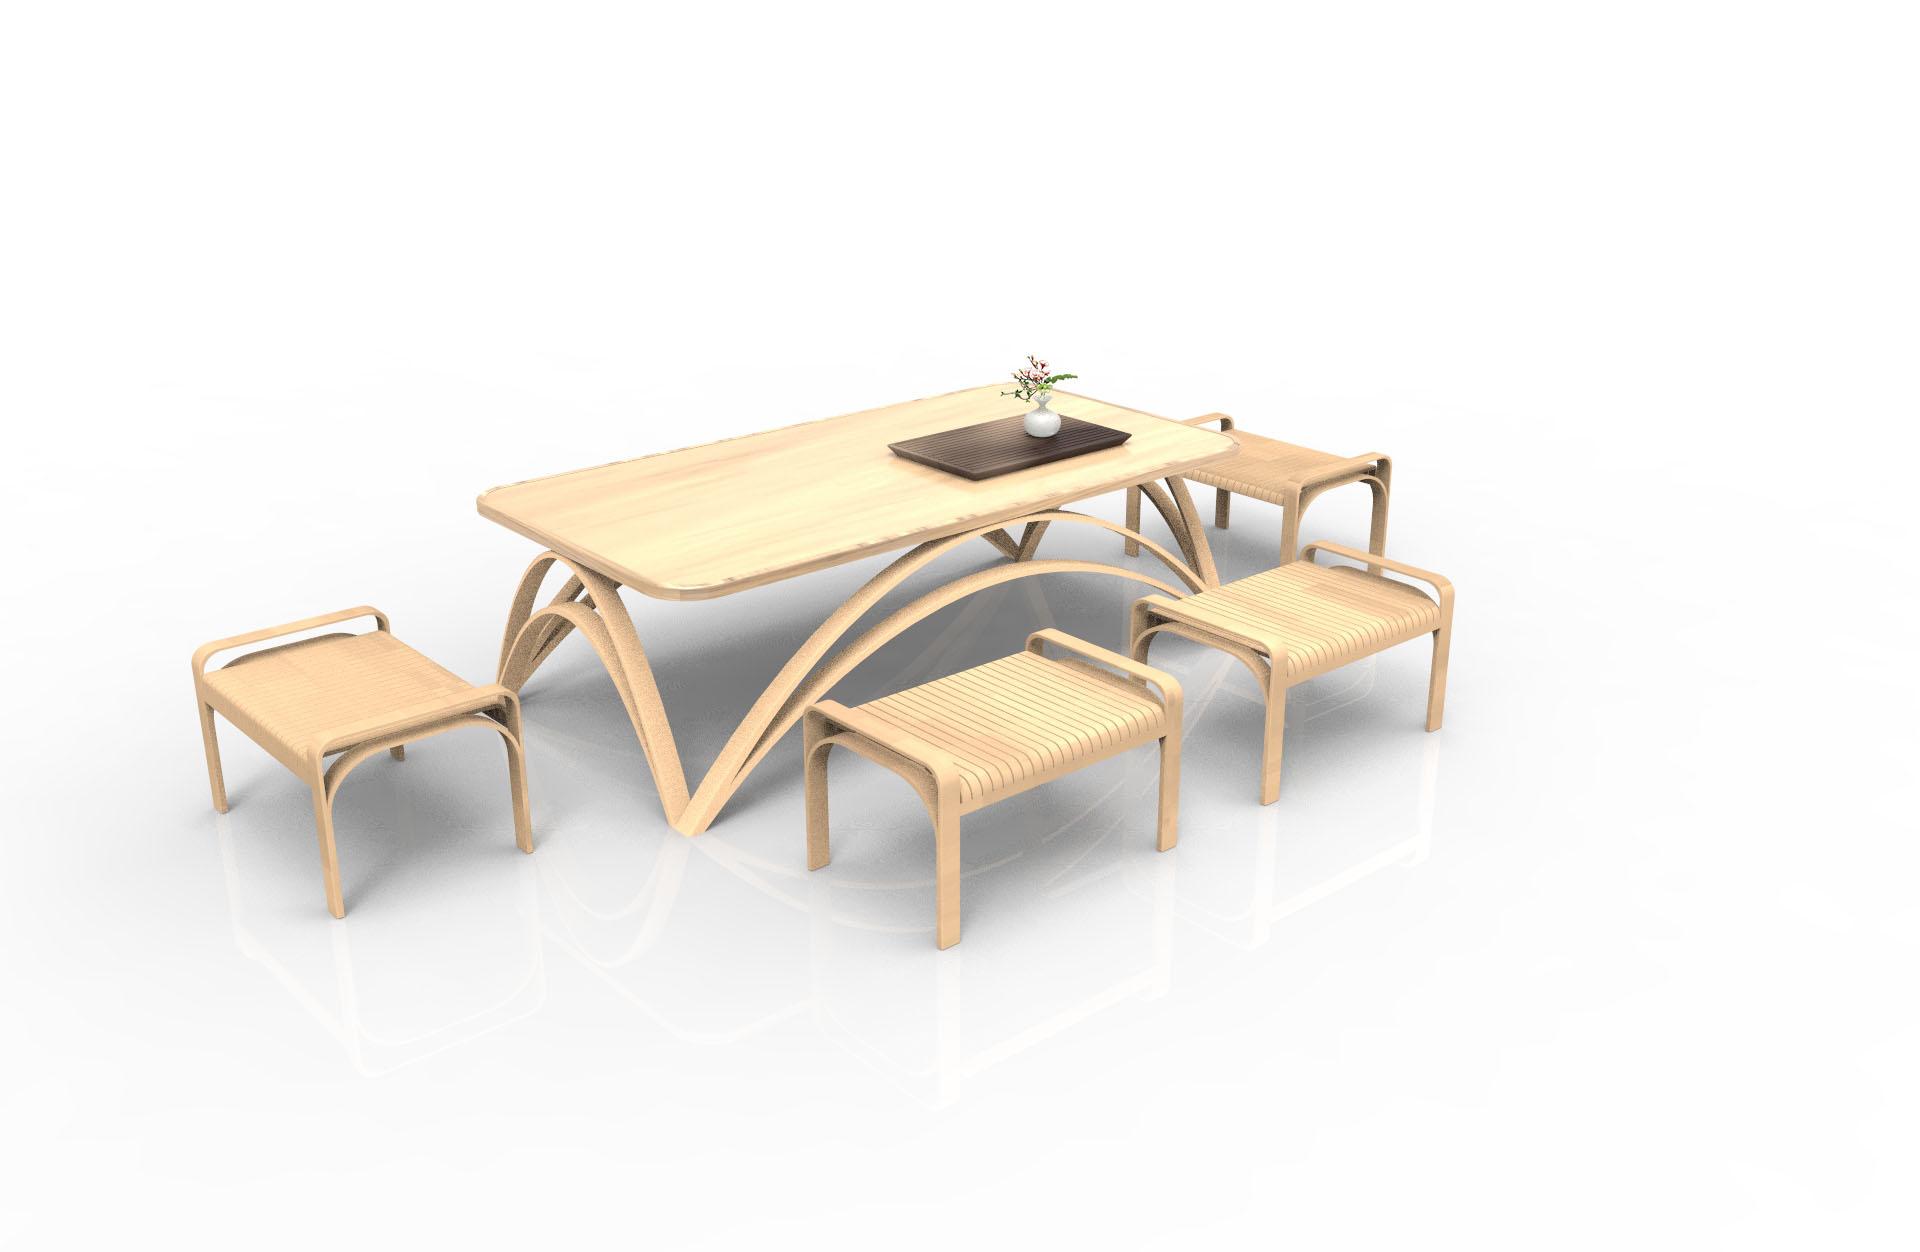 """以""""竹材""""为出发点,设计了一套竹制家具北京柏涛建筑设计招聘图片"""